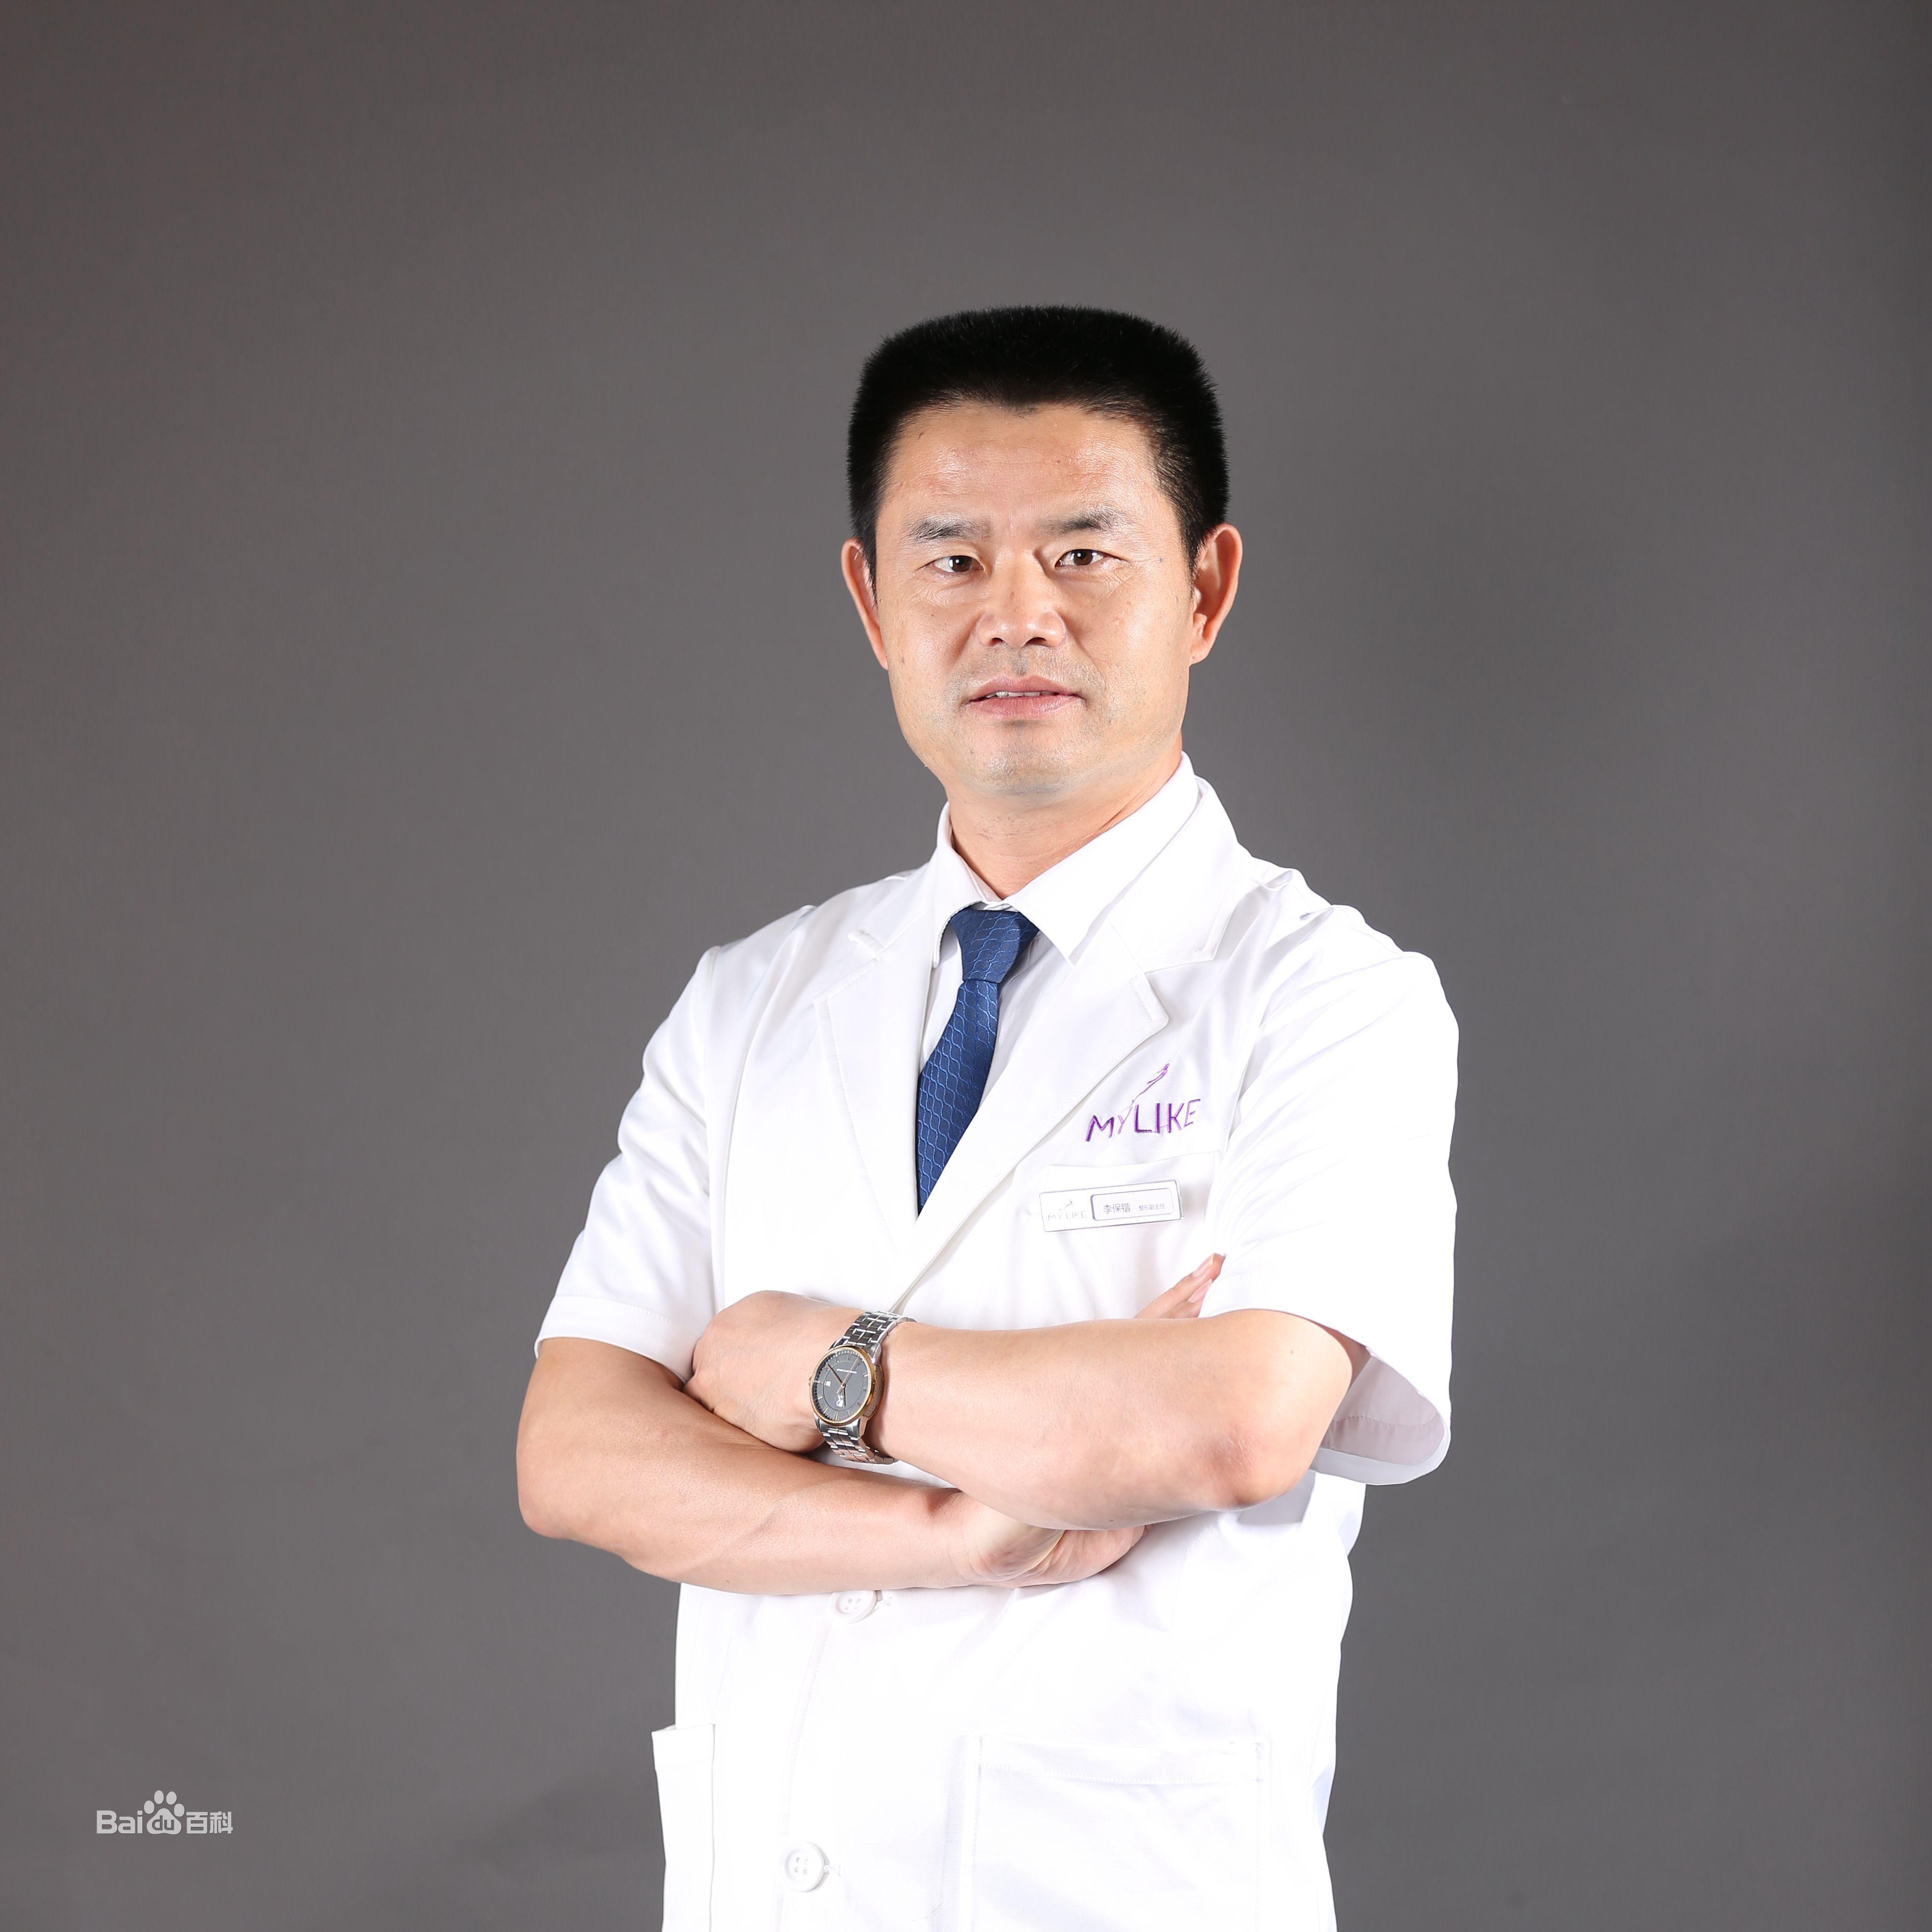 杭州李保锴鼻修复技术怎么样?效果好不好?